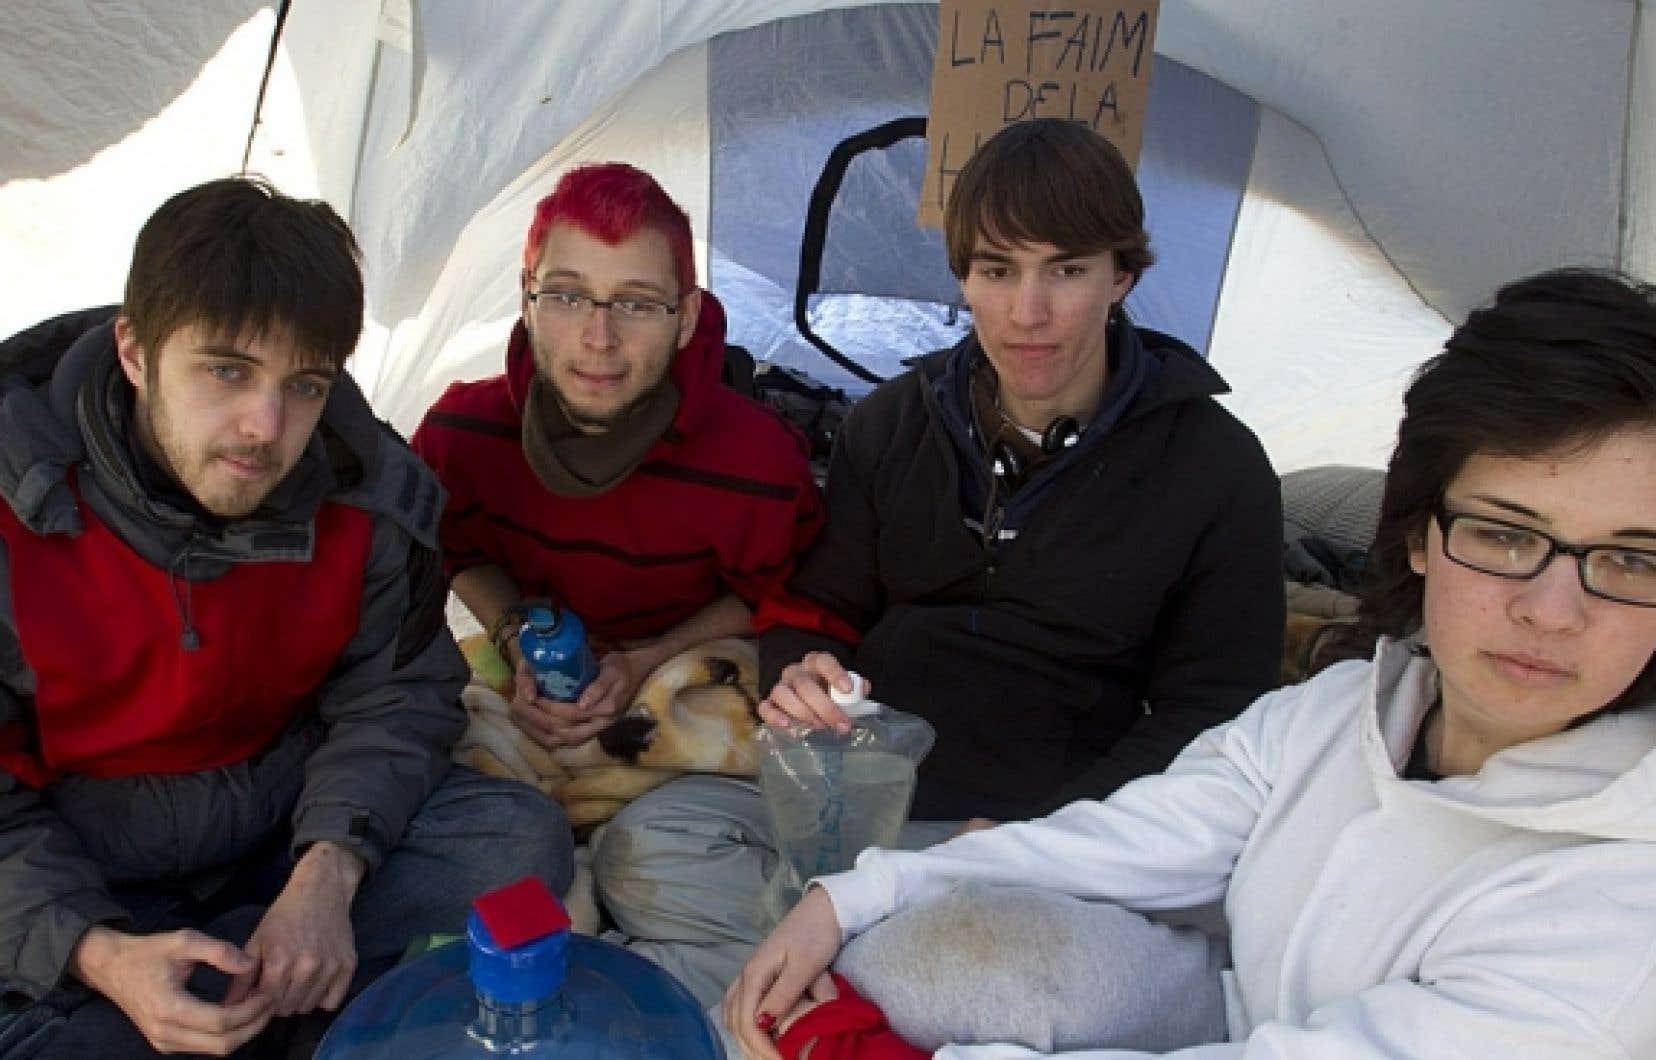 Des étudiants du Collège Édouard-Montpetit à Longueuil ont décidé d'amorcer un mouvement de grève de la faim. Des étudiants ont décidé de se relayer pour des cycles de privation de 48 heures. Sur la photo, Olivier Melancon, Rémi Thériault, Françis Robindaine Duchesne et Sakina Guessous.